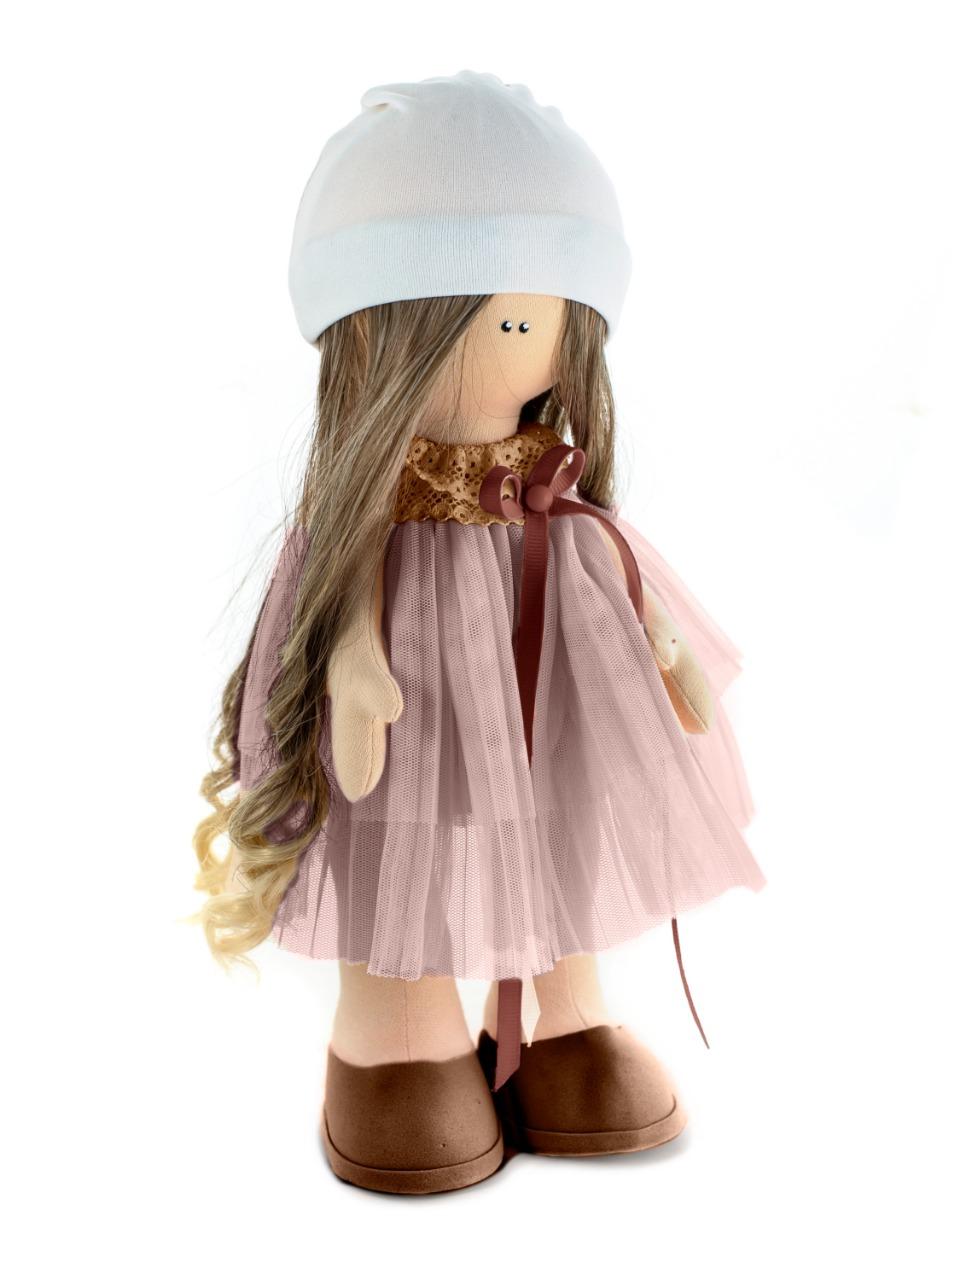 Набор для изготовления игрушки Кукольная фея М-8.3М-8.3Куколка с красивым именем Люся в легком платьице из фатина, украшенном ажурным кружевом и атласной лентой понравится каждой юной барышне и станет ее лучшей подругой! Высота куклы - 22 см. В набор для творчества входят все необходимые материалы для создания куклы, выкройки и материал для шитья нарядов, иллюстрированный мастер-класс. Так же вам потребуется наполнитель (100 г) и пенопластовый шар диаметром 6 см для головы.